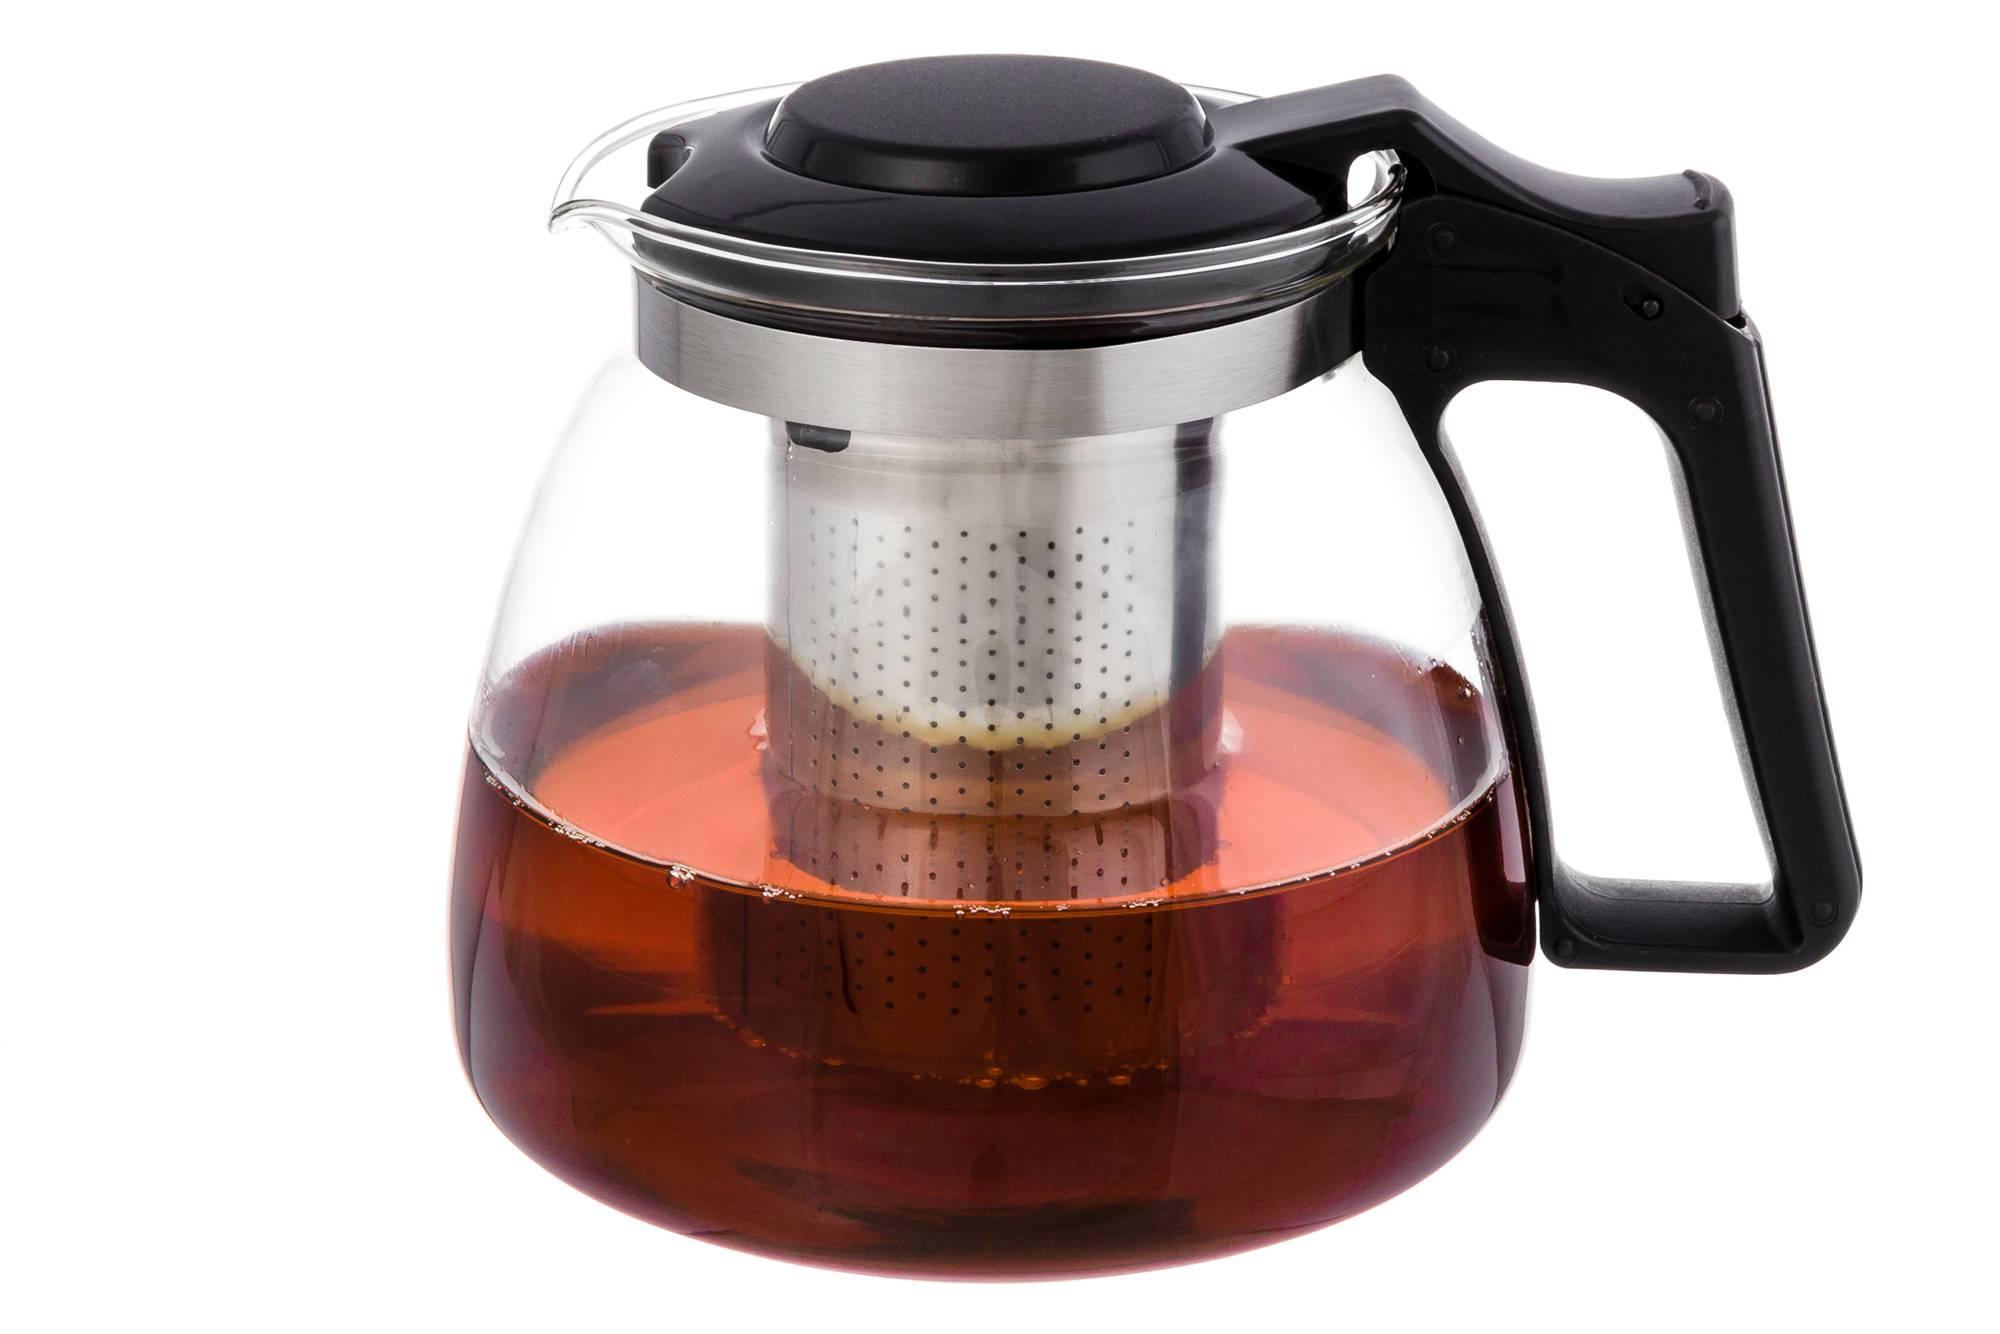 Чайник для газовой плиты: как выбрать, обзор лучших моделей